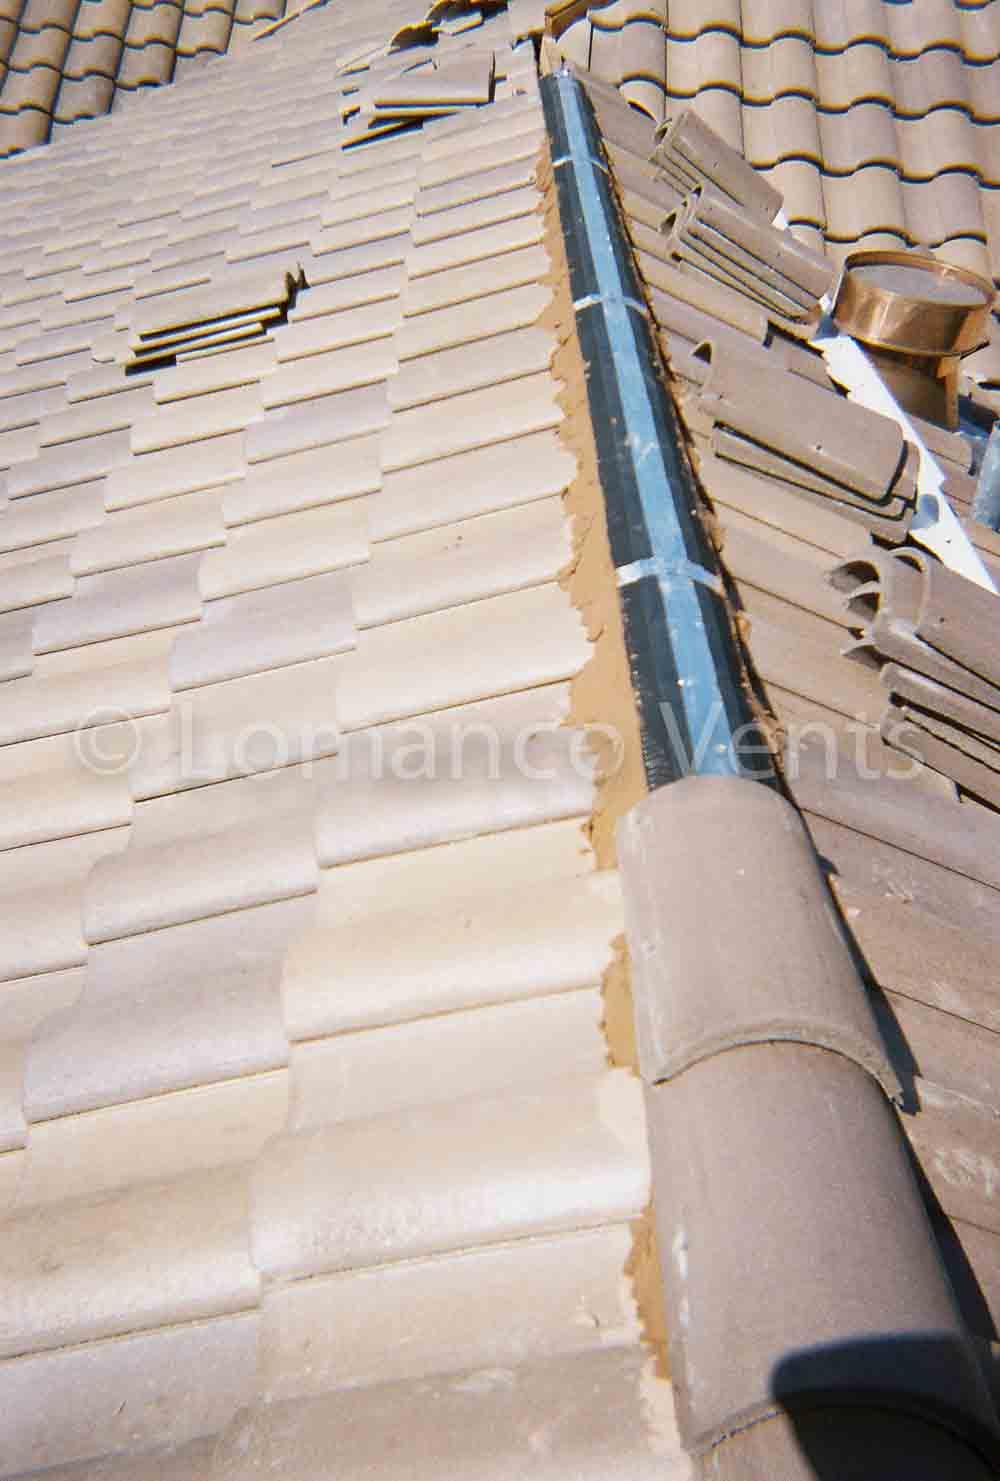 Lomanco Vents Tileridge Trv4